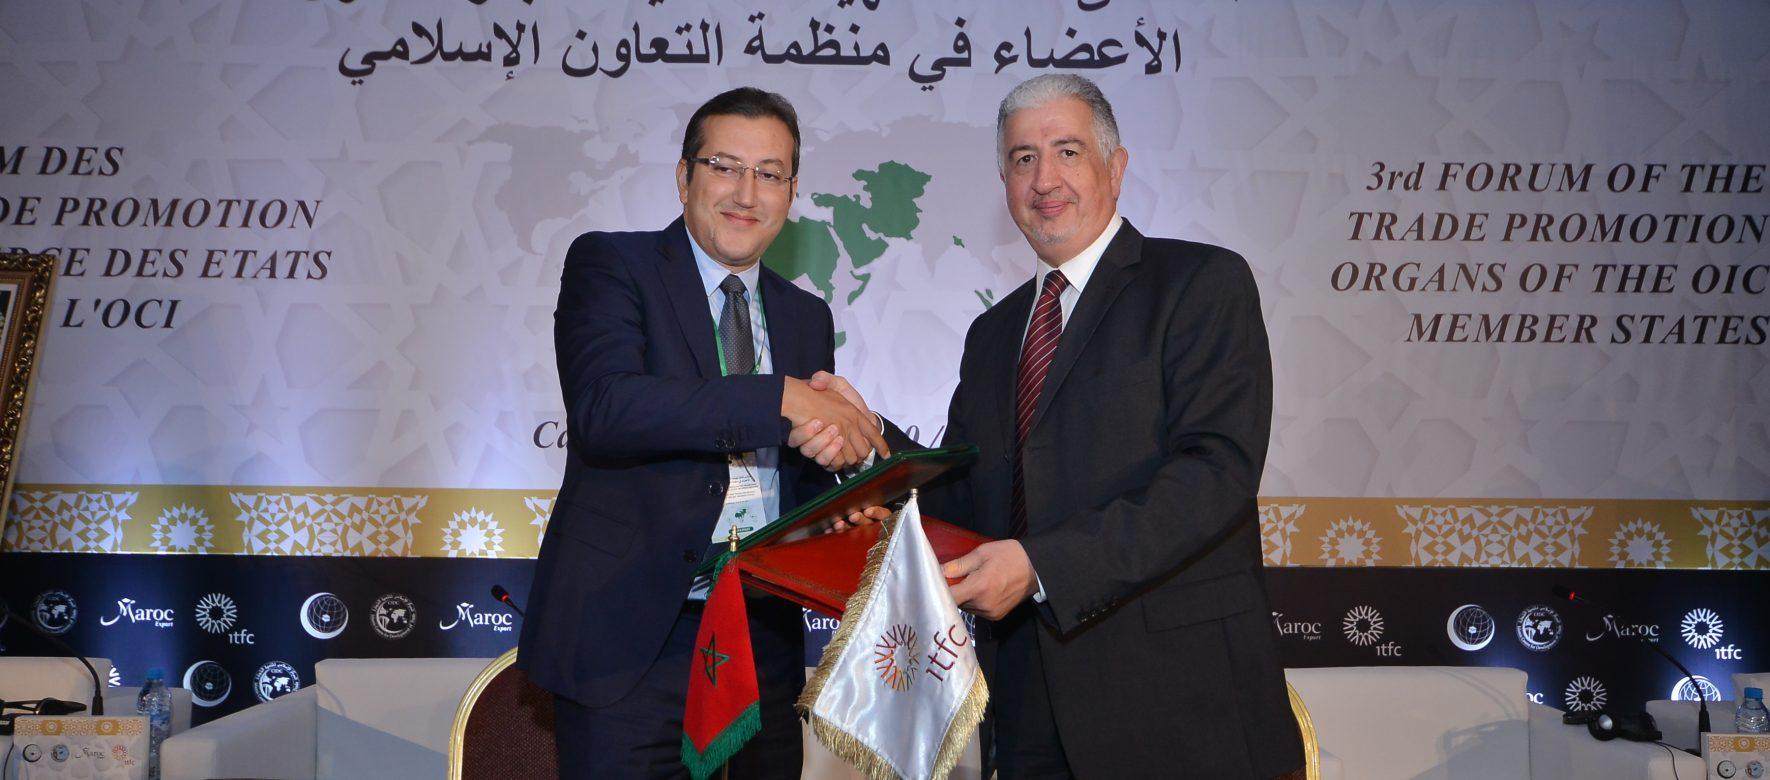 Le Maroc étudie les investissements à venir avec l'Afrique Subsaharienne